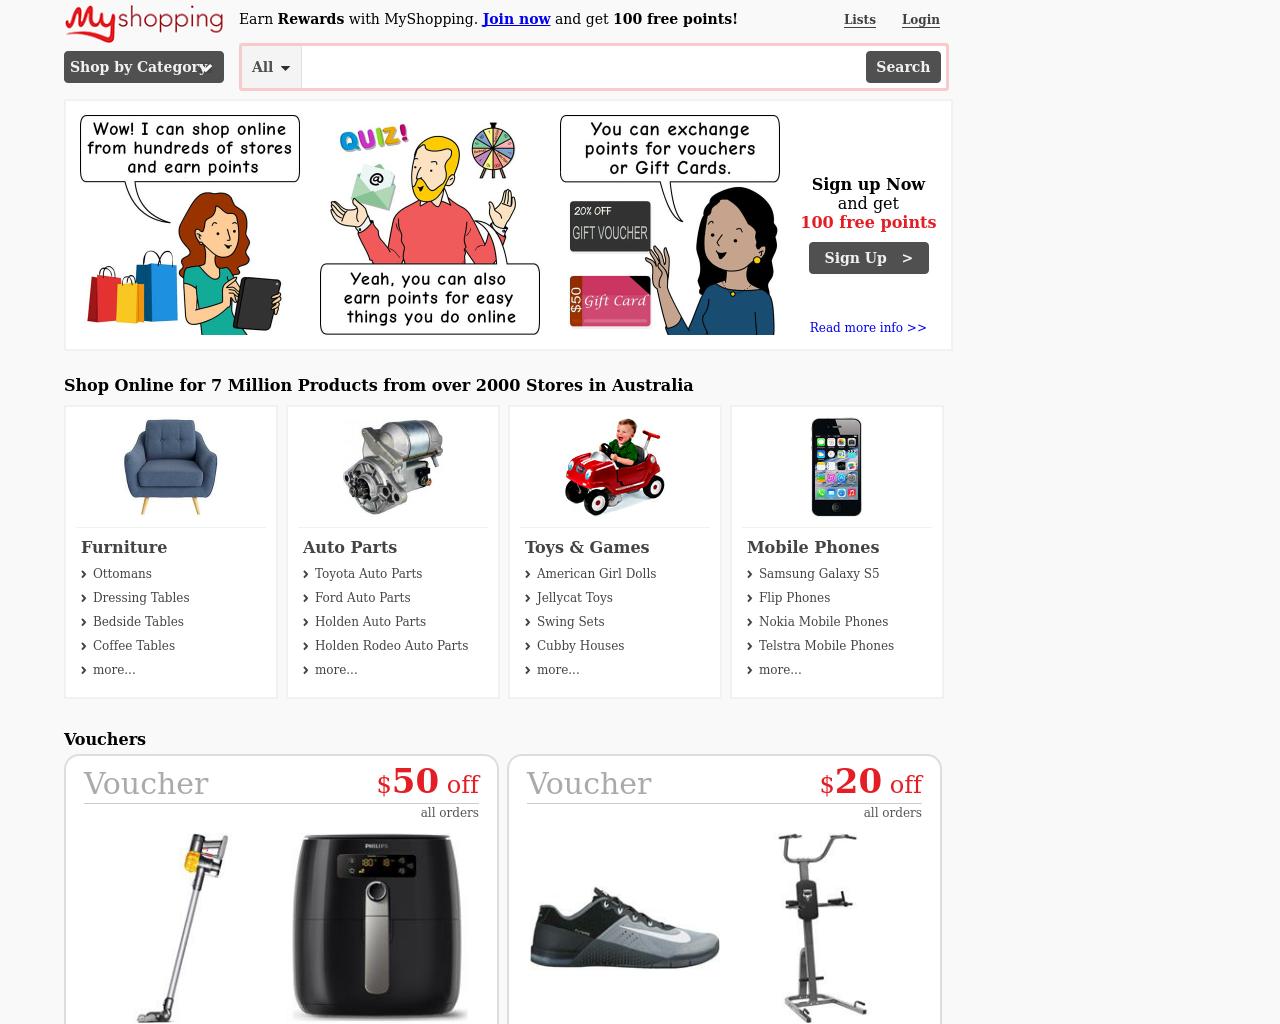 MyShopping.com.au-Advertising-Reviews-Pricing